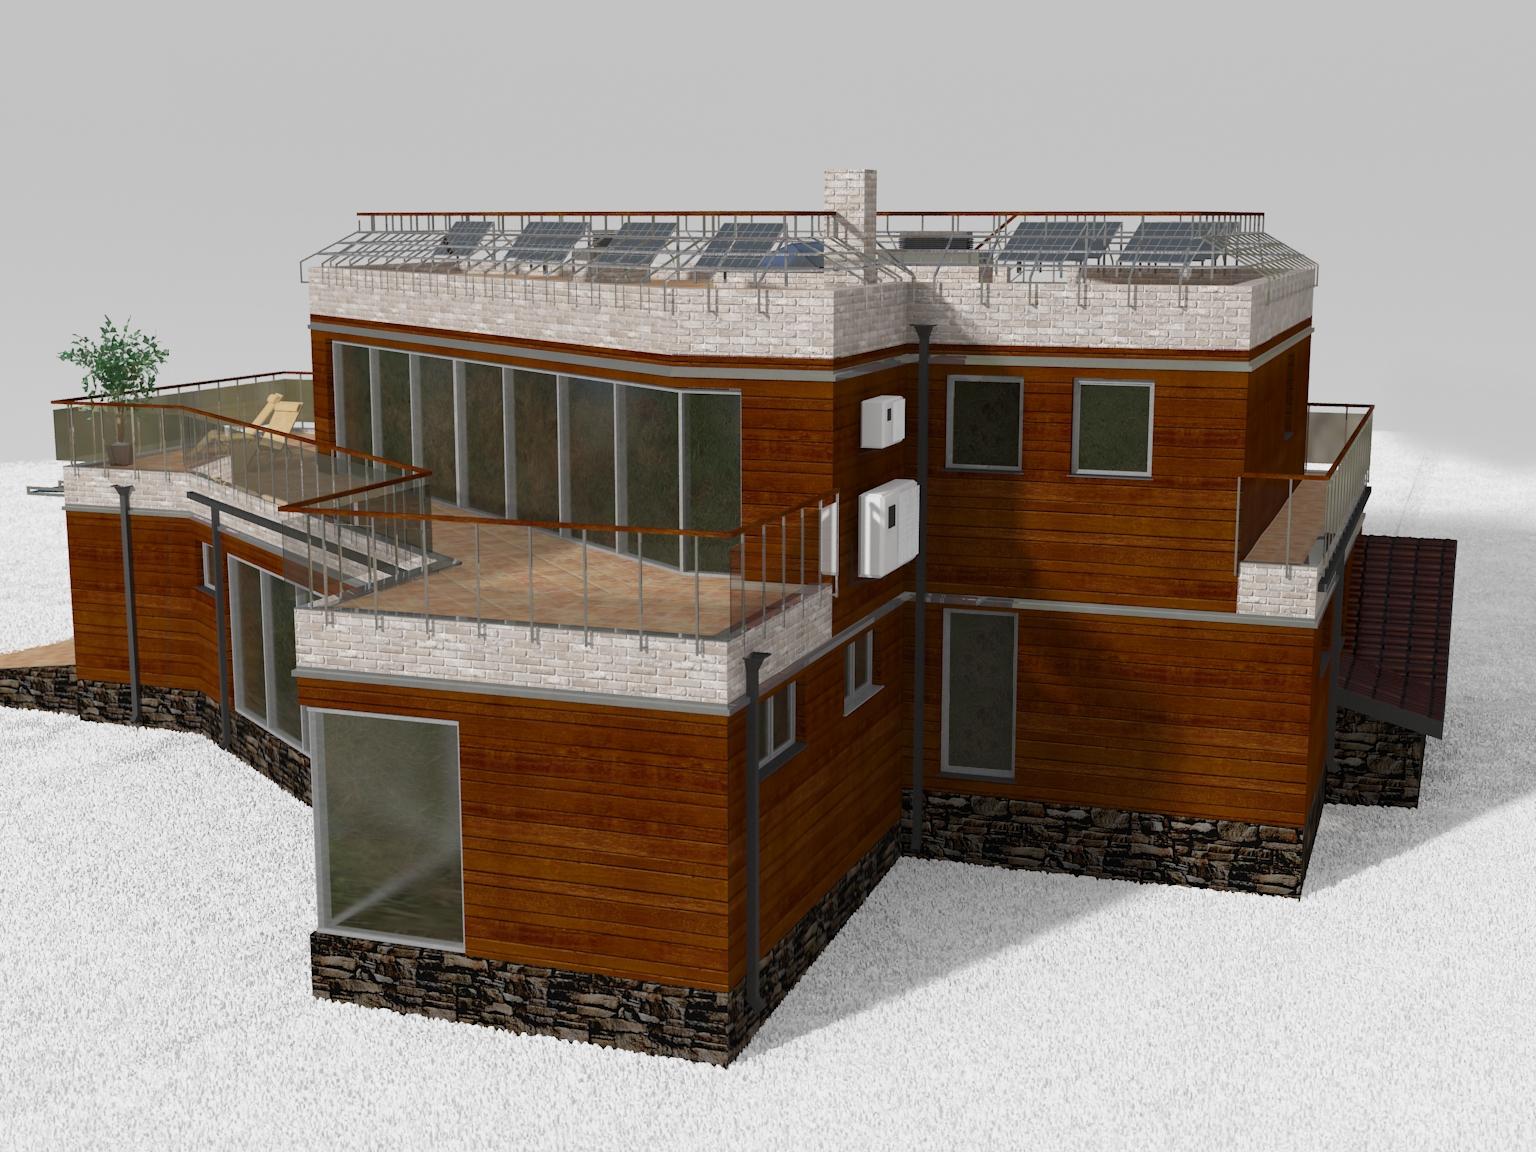 Проект дома с плоской кровлей, террасами и панорамными окнами - проект Этран